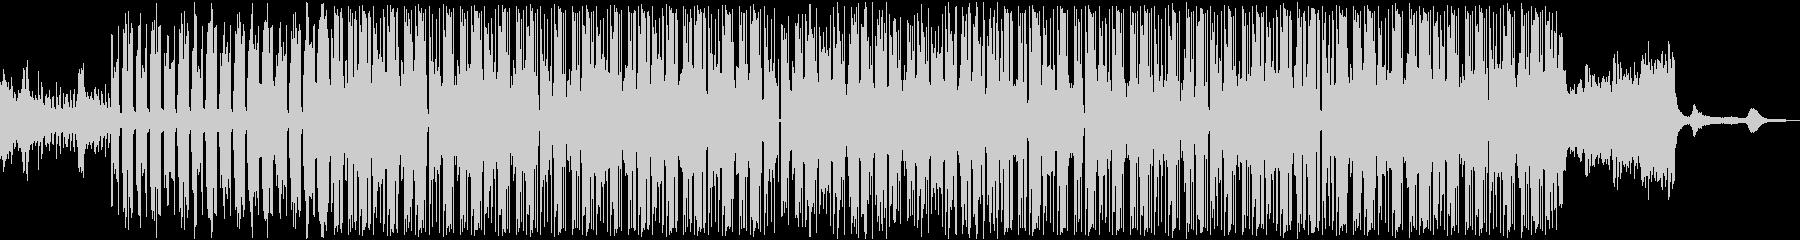 おしゃれオーシャンBGM(波音入り)の未再生の波形